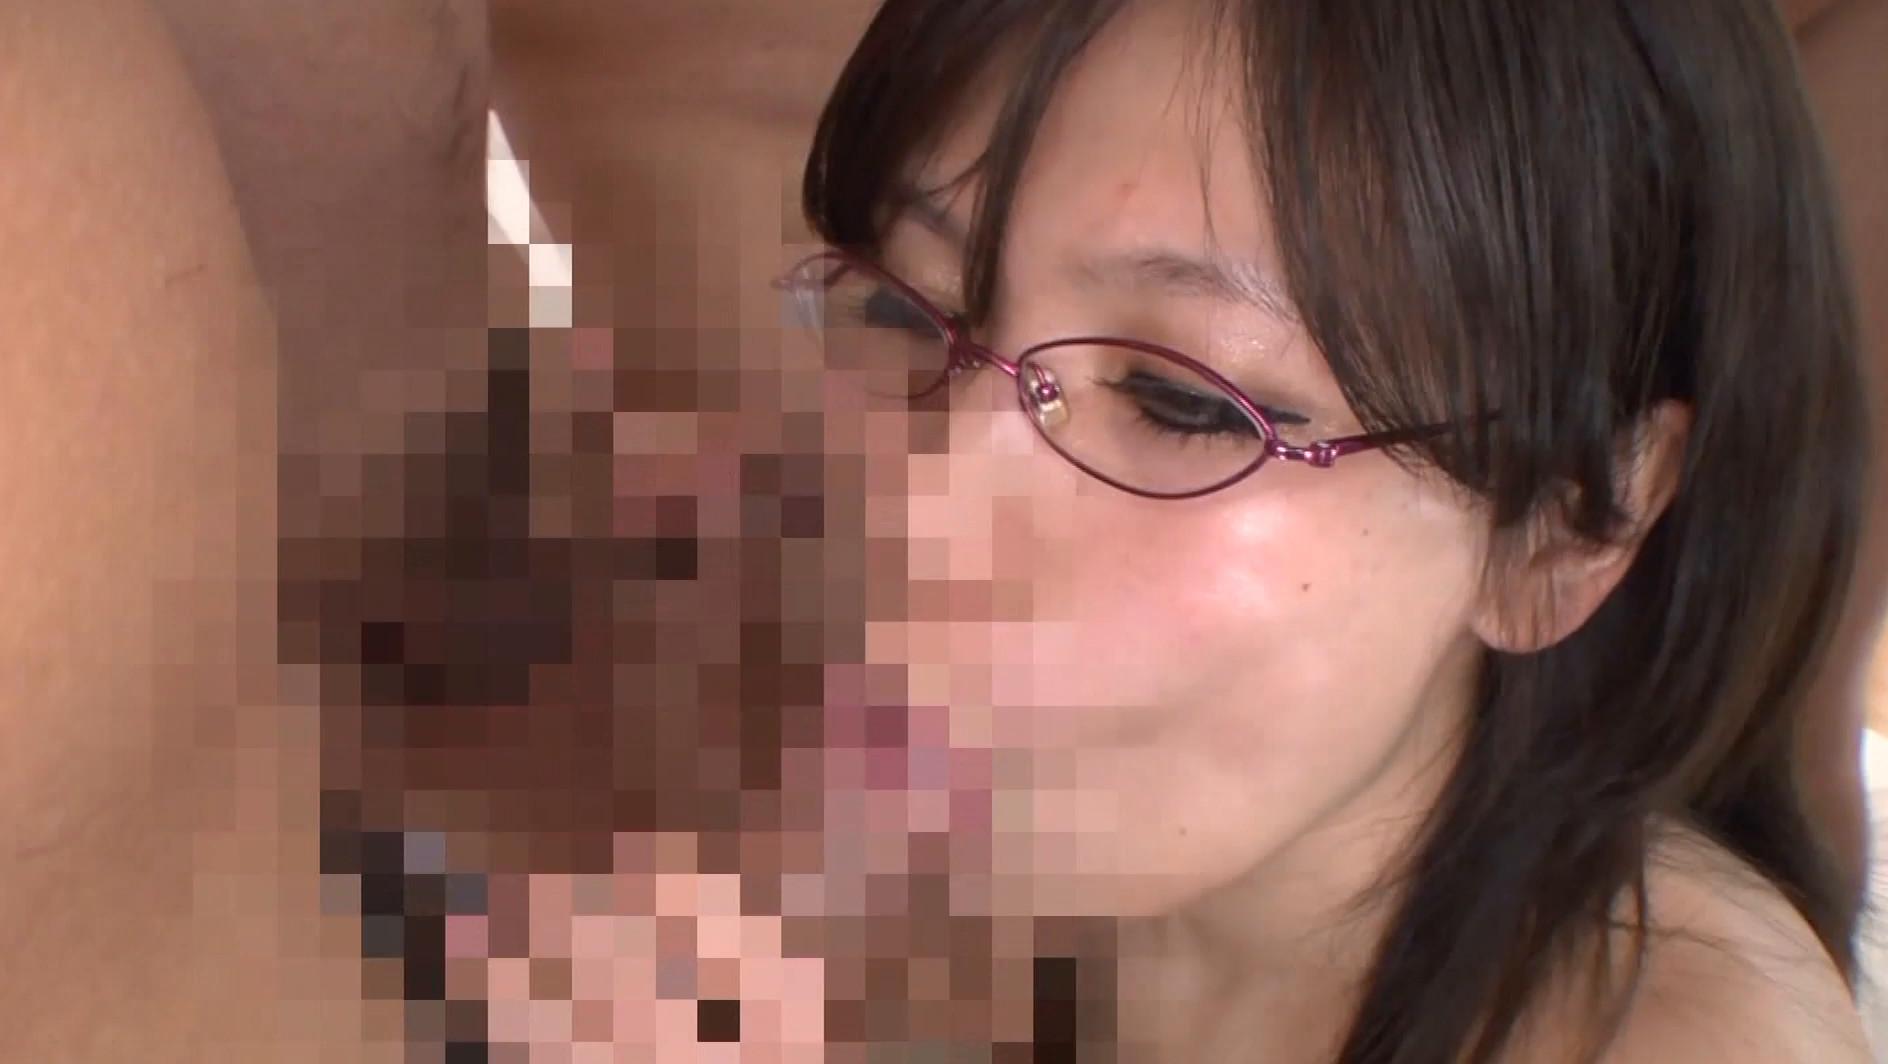 拘束!飲尿!アナル!軽い気持ちで応募してきた女たちが肉便器に堕ちるまでの完全なる調教記録 画像2